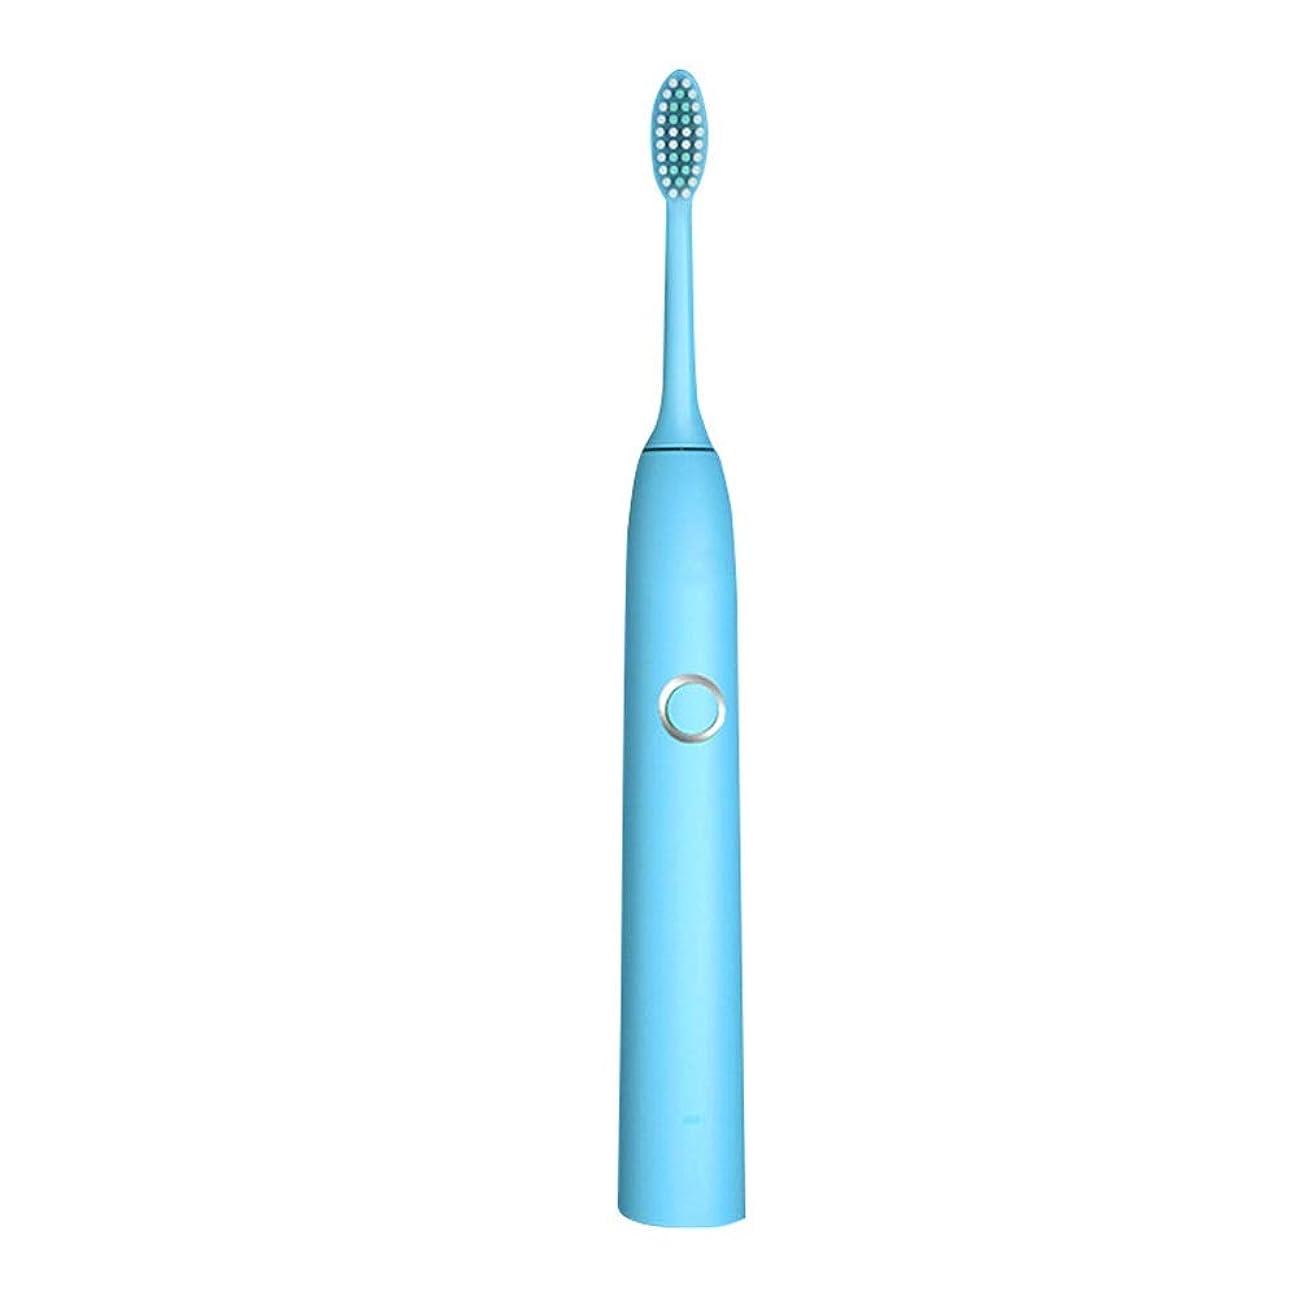 擁する銀ヒューバートハドソン自動歯ブラシ 電動歯ブラシ大人を白くする保護きれいなUSBの再充電可能 (色 : 青, サイズ : Free size)